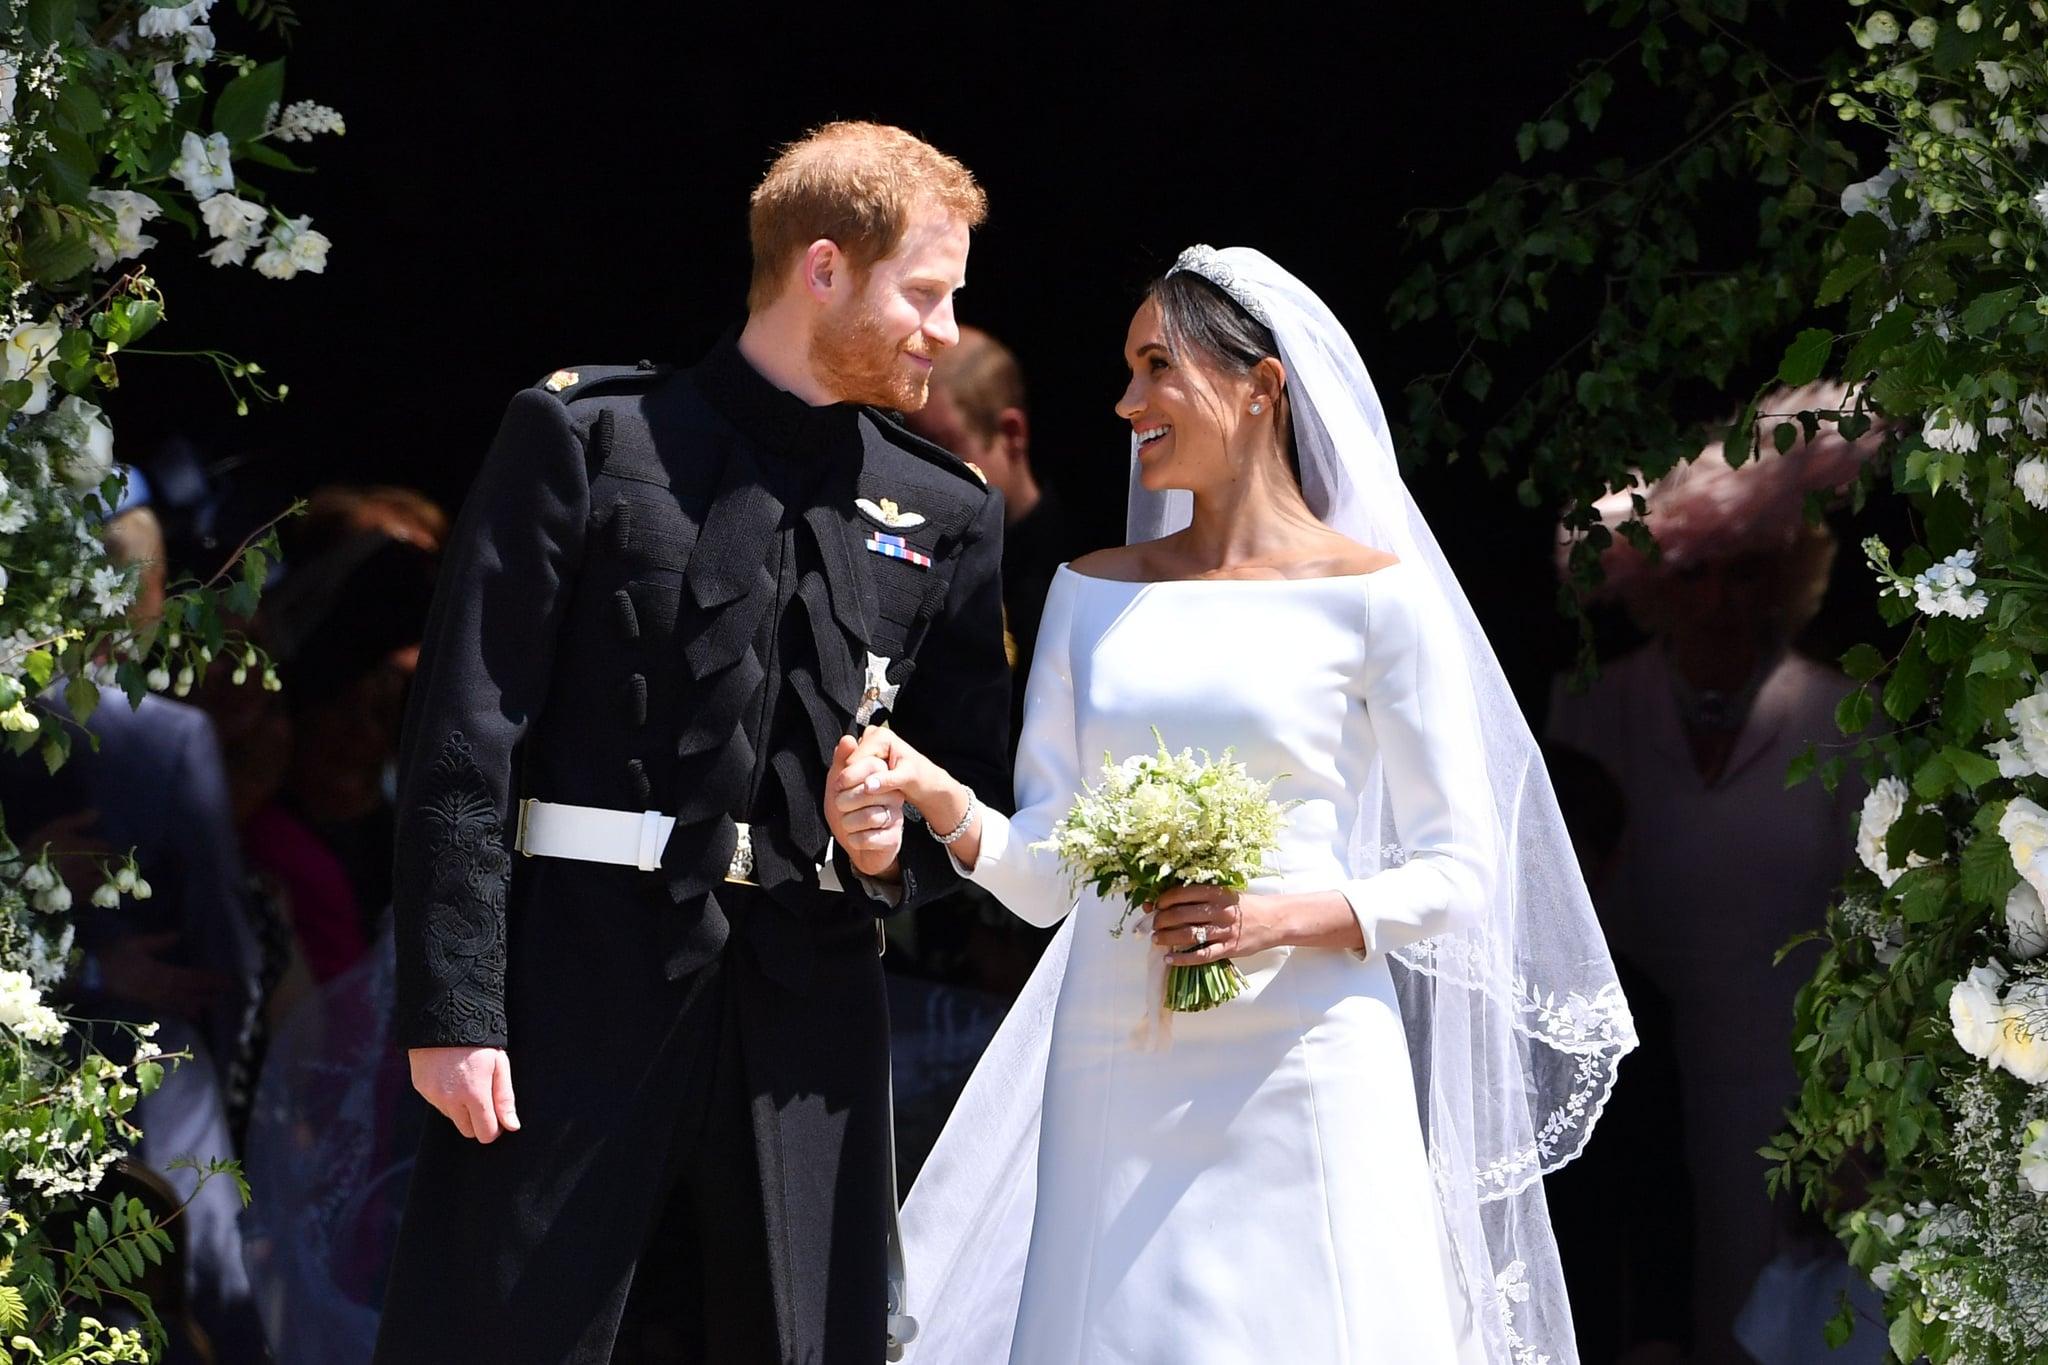 TOPSHOT - شاهزاده هری انگلیس ، دوک ساسکس و همسرش مگان ، دوشس ساسکس در 19 می 2018 پس از مراسم ازدواج خود از درب غربی کلیسای سنت جورج ، قلعه ویندزور ، در ویندزور خارج شدند.  (عکس از بن STANSALL / منابع مختلف / AFP) (اعتبار عکس باید BEN STANSALL / AFP را از طریق Getty Images بخواند)